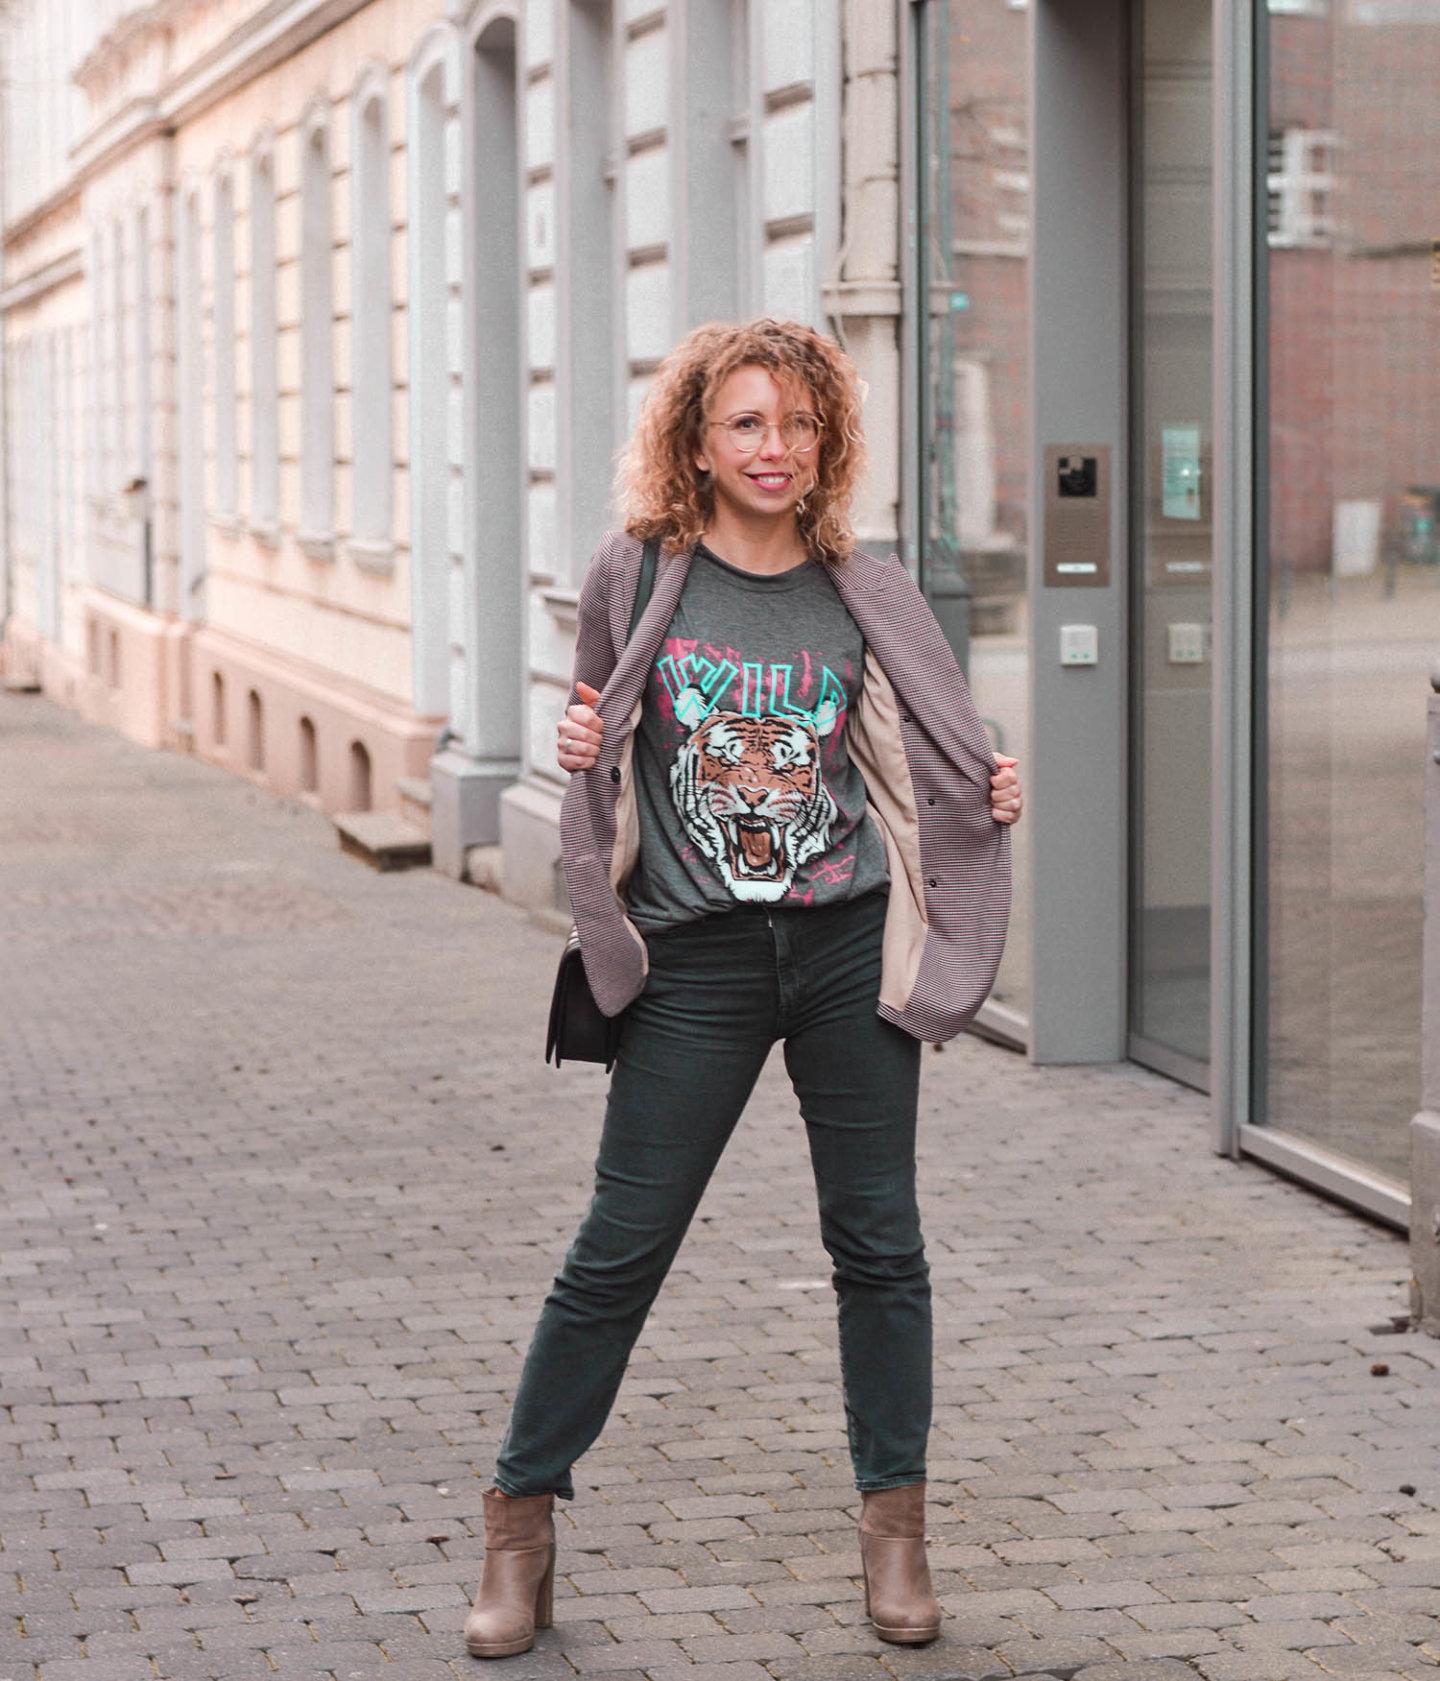 go wild mit Band-Shirt - Fashion-Trend 2020